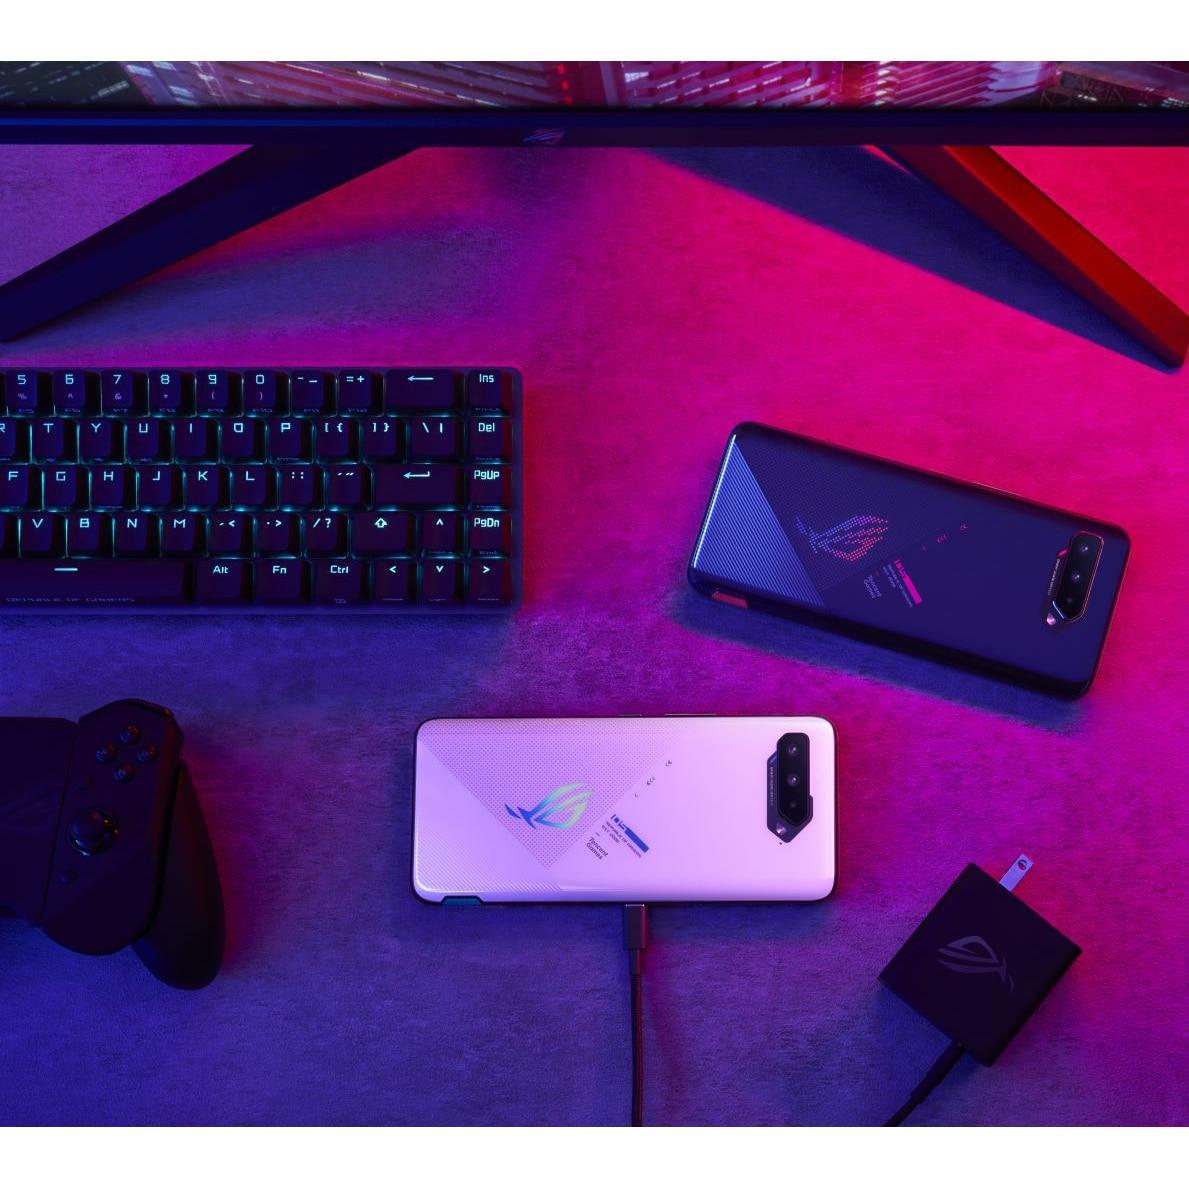 Фото3 - Официальный телефон ASUS ROG с глобальной прошивкой, женственный телефон, игровой телефон с процессором Snapdragon 888 +, смартфон 65 Вт, зарядка 6000 мАч,...